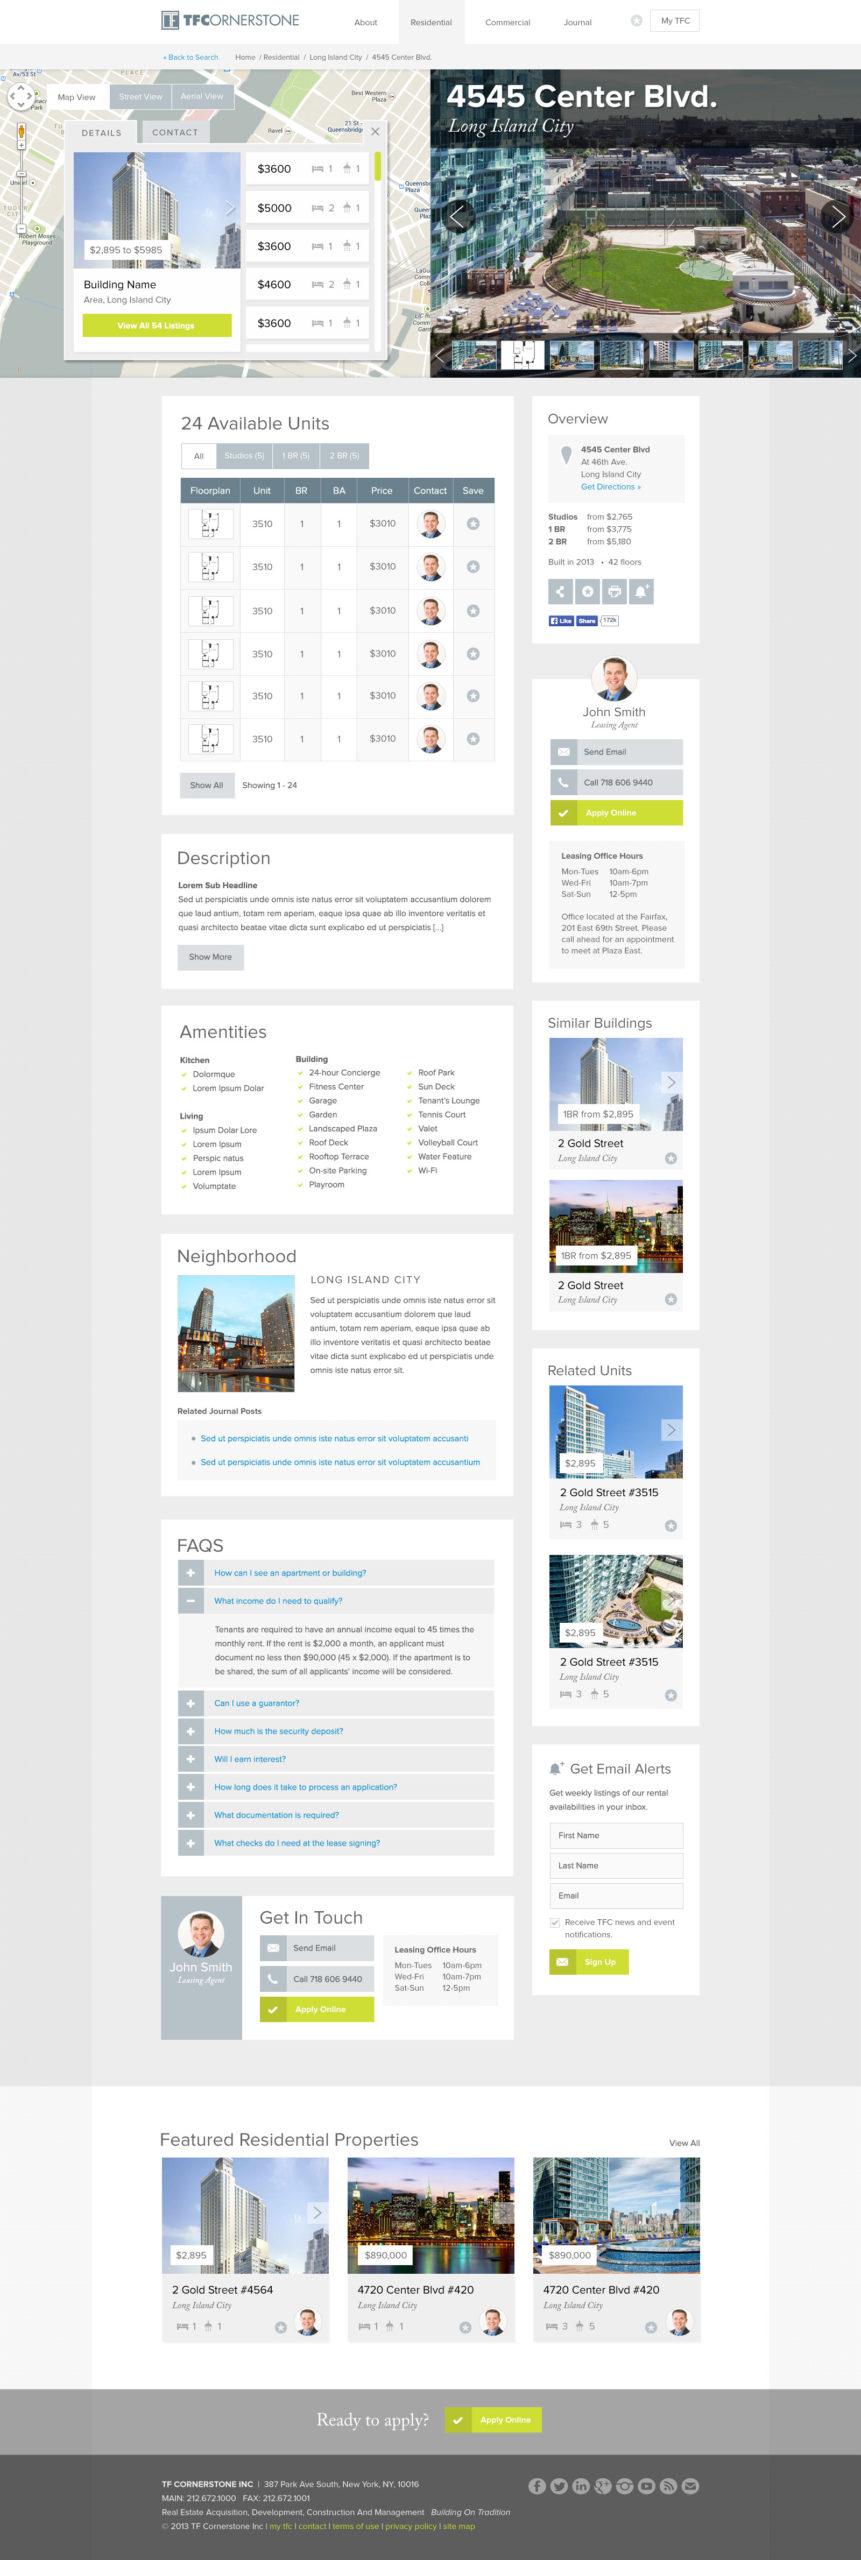 TFC Website Building